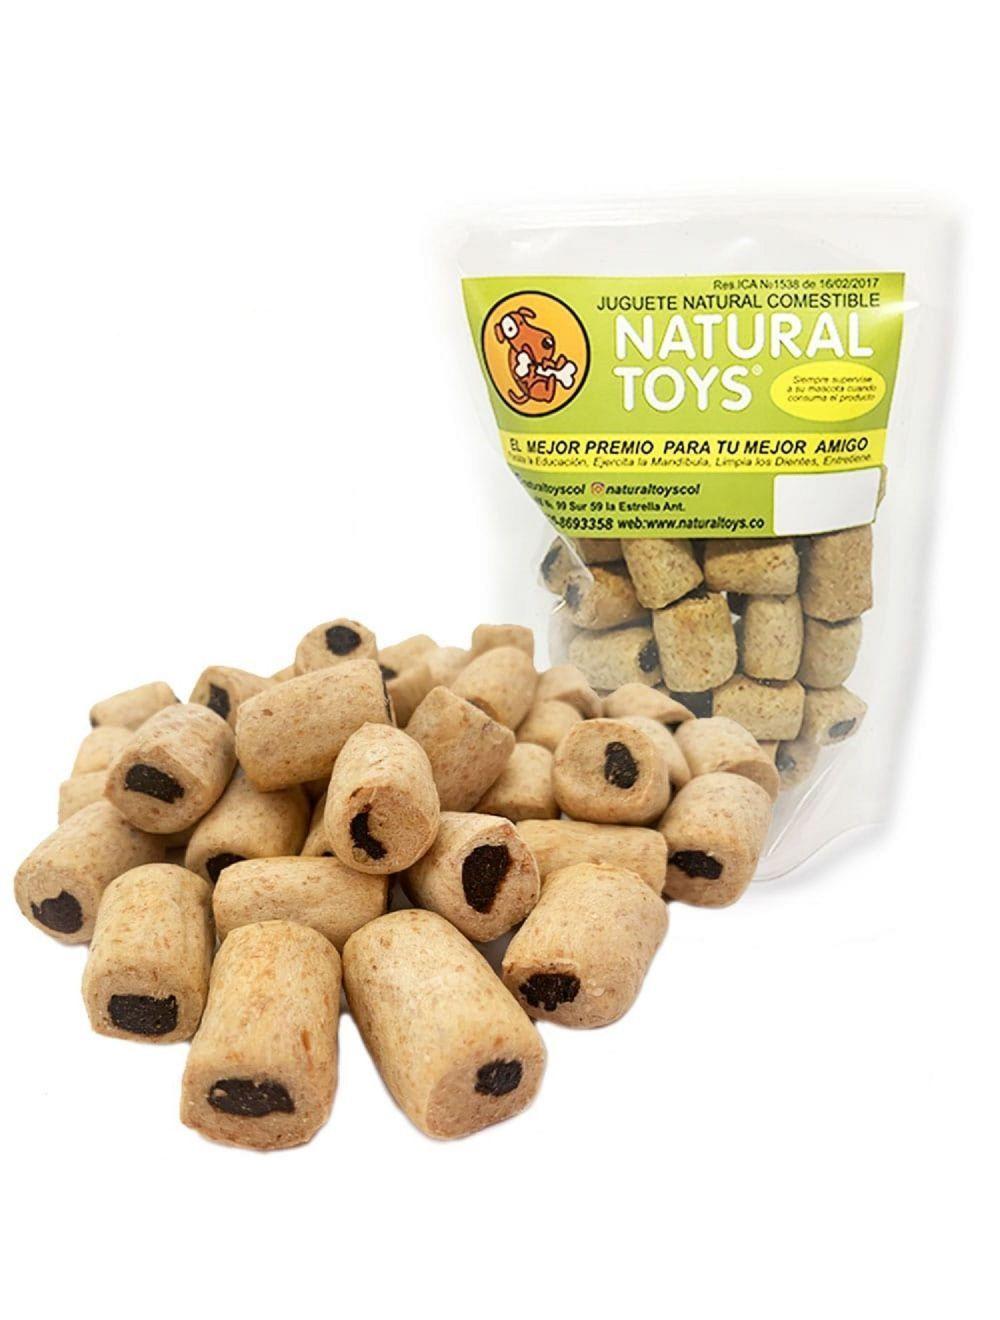 Snacks rellenitos surtidos con fibra natural-Ciudaddemascotas.com